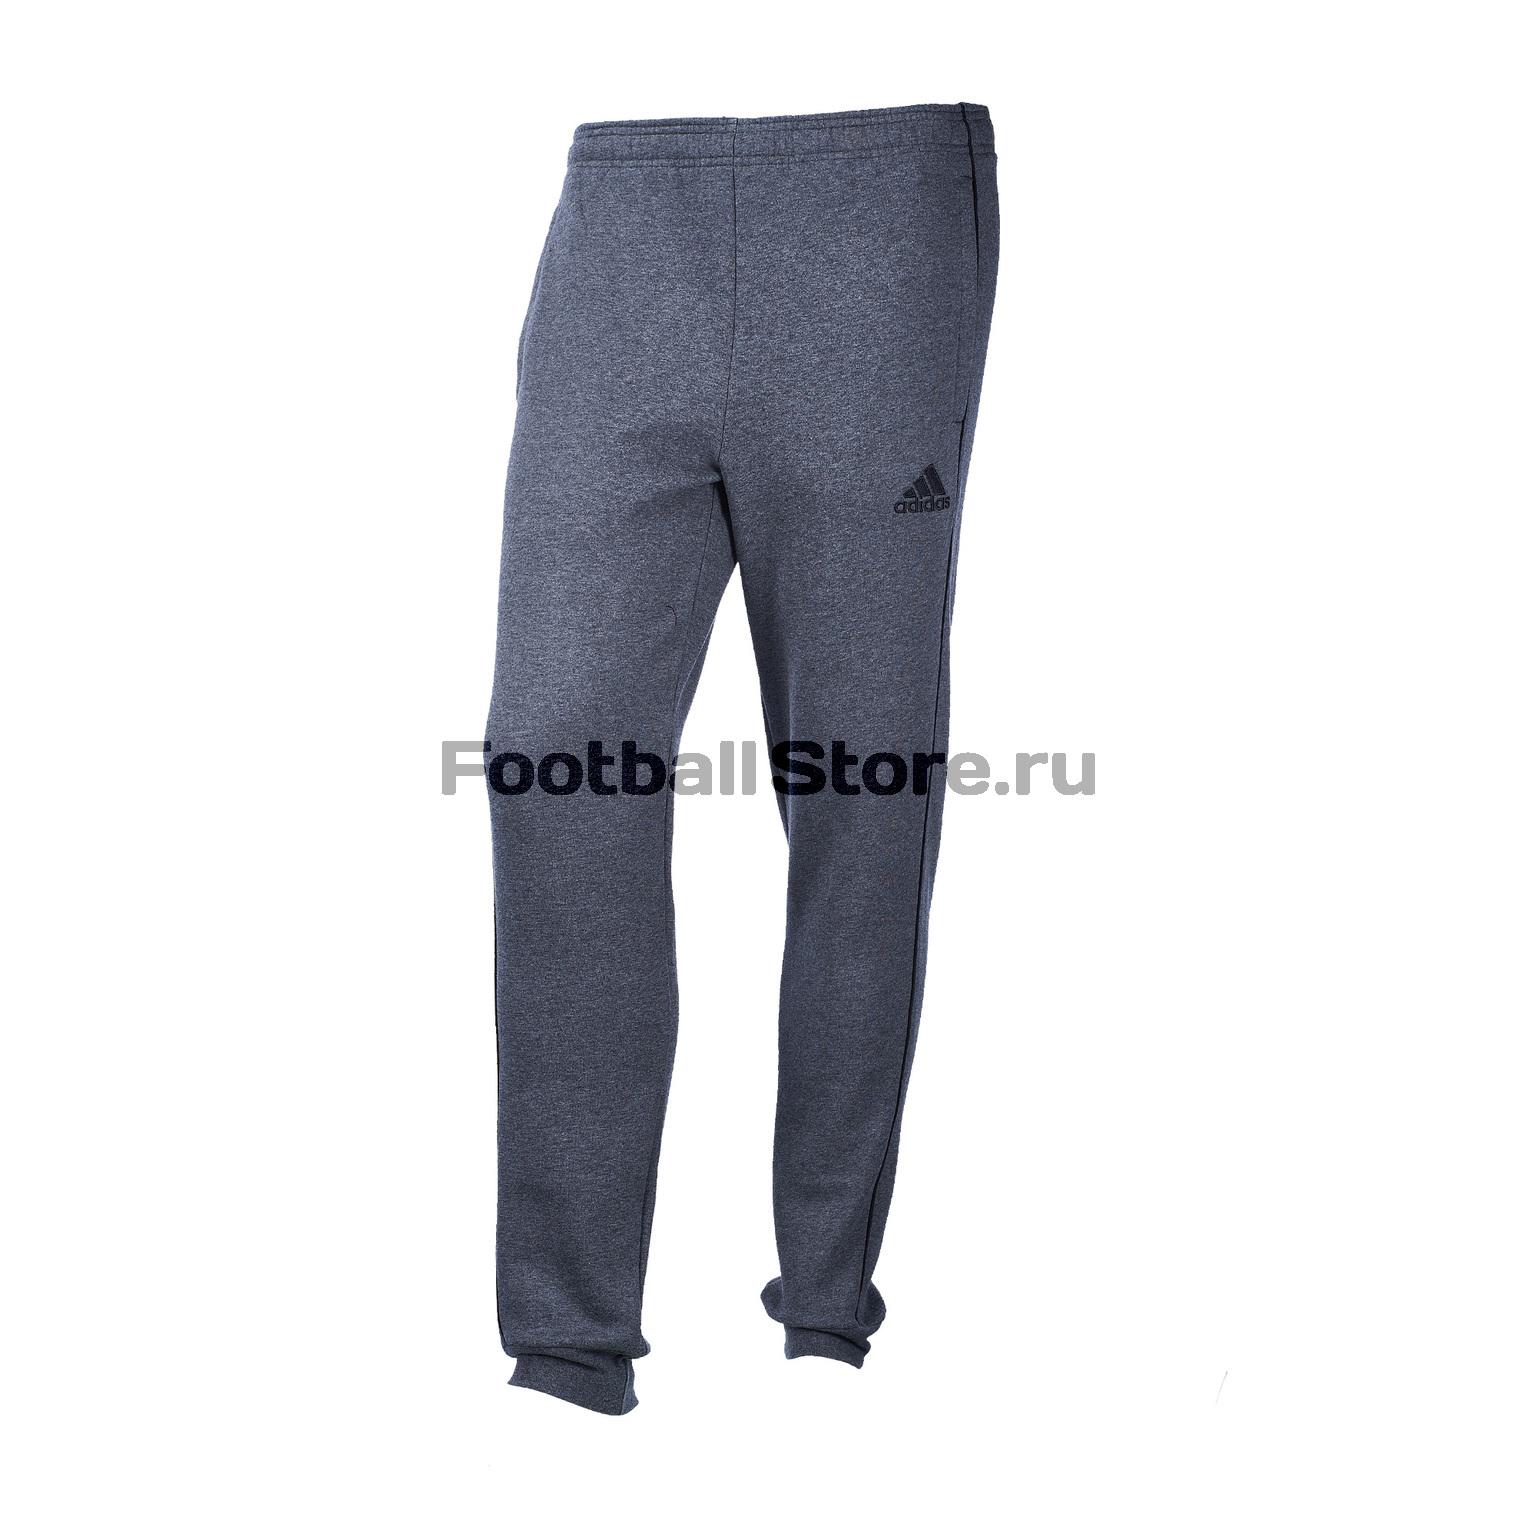 Брюки тренировочные Adidas Core18 SW Pnt CV3752 брюки adidas con16 trg pnt ab3131